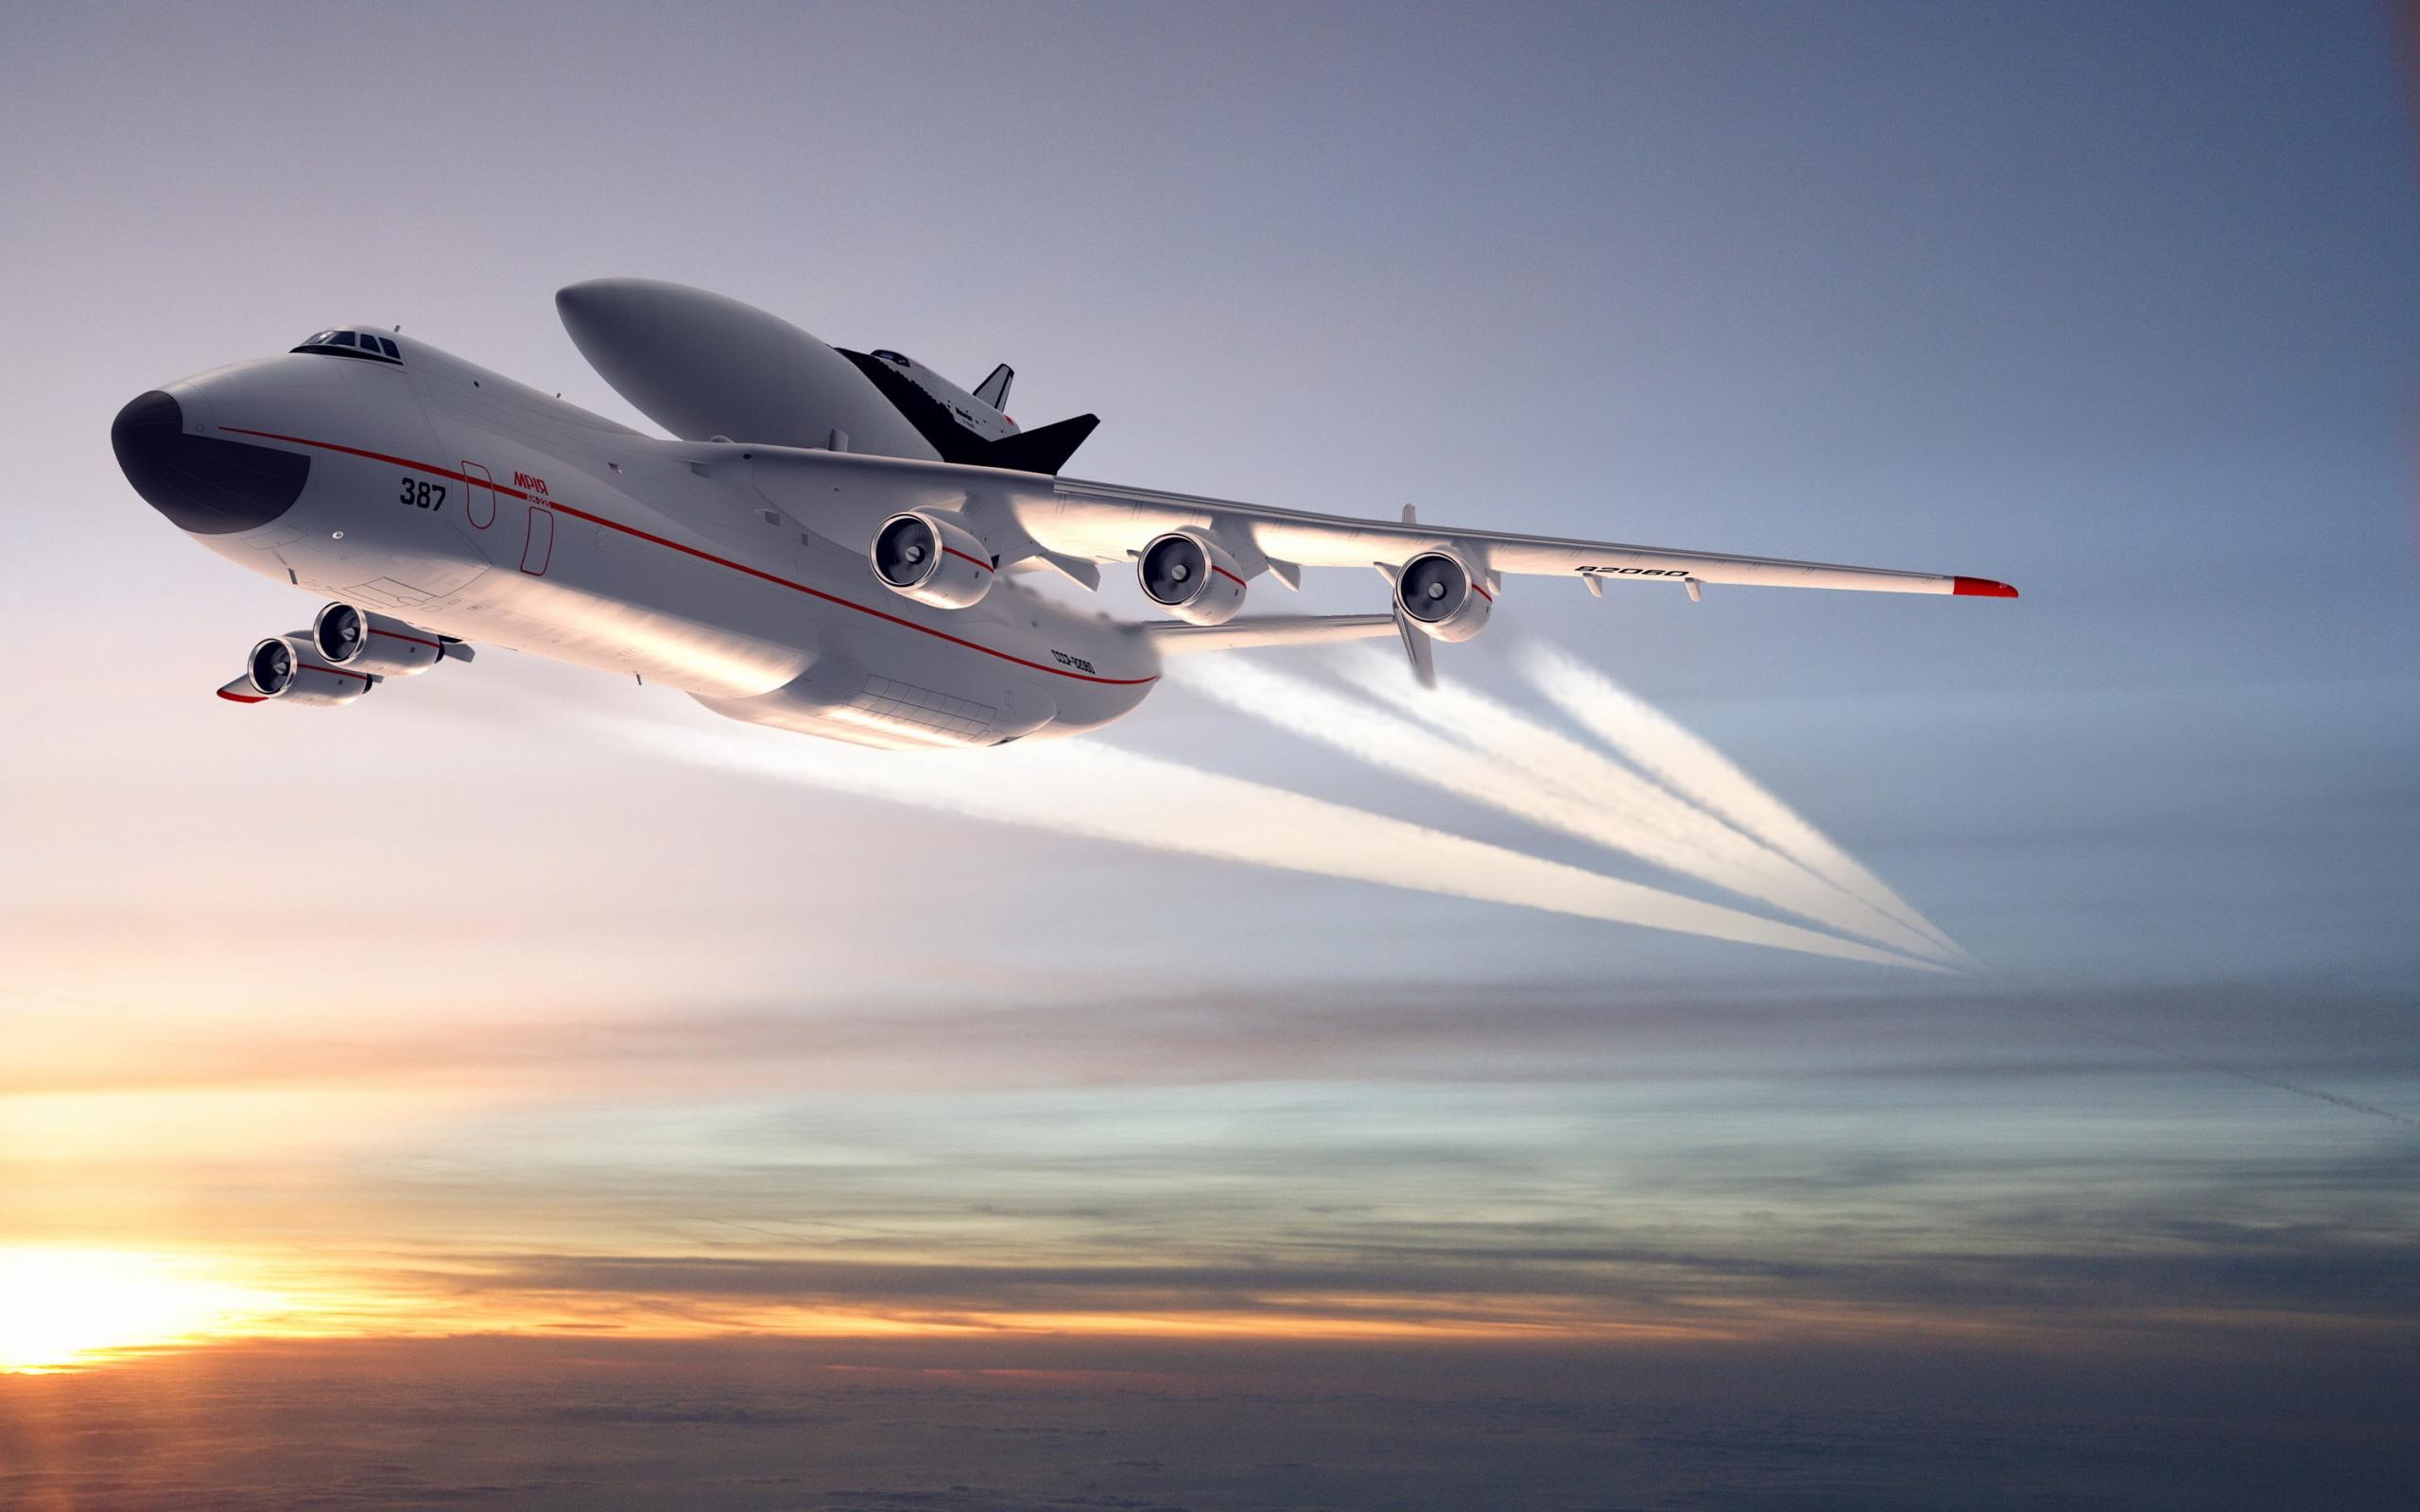 Звук пассажирского самолета скачать бесплатно